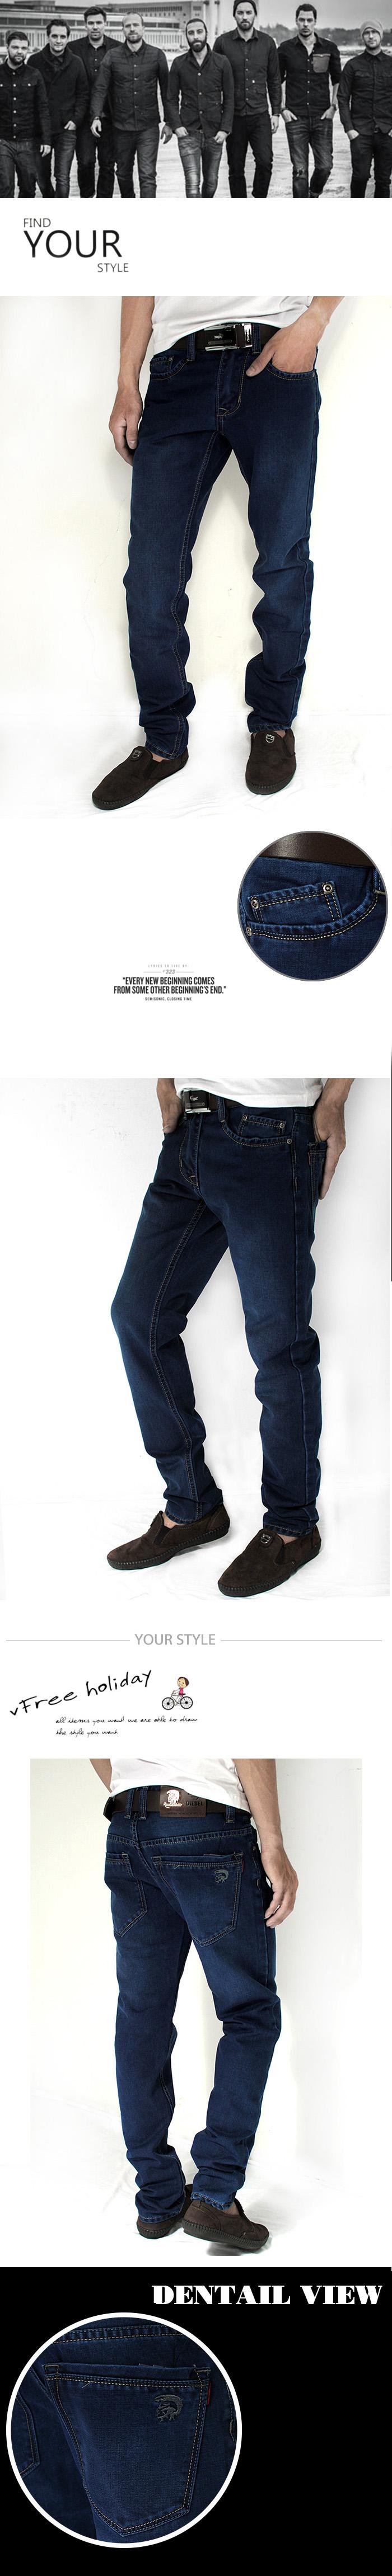 Quần jean ống đứng xanh đen qj1172 - 1